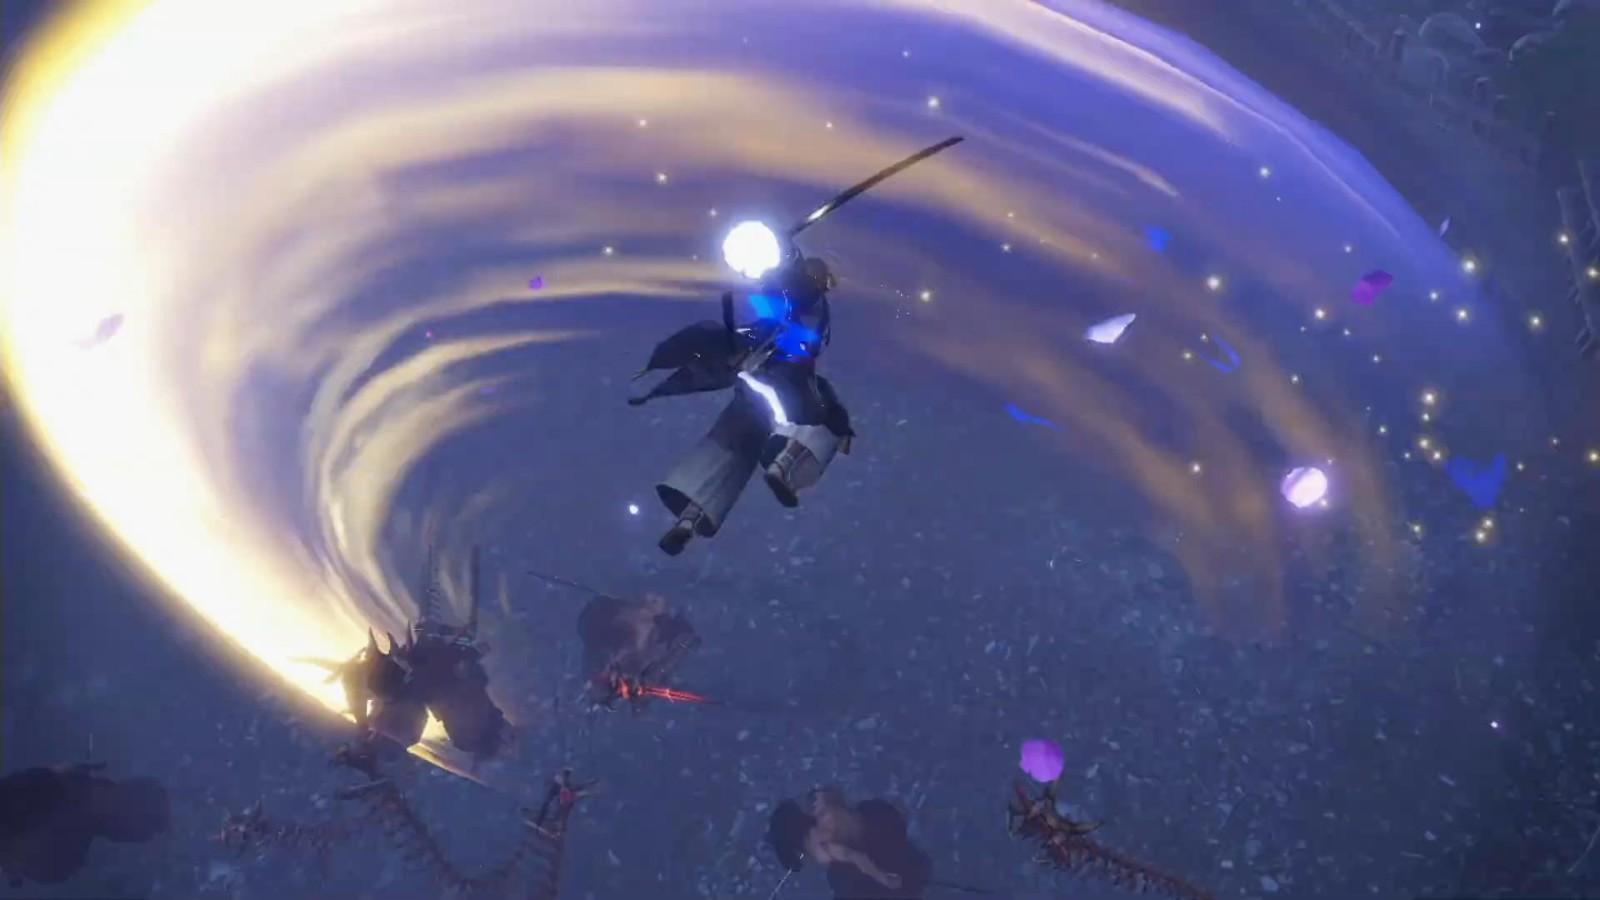 《刀剑乱舞无双》新预告 2022年2月17日发售